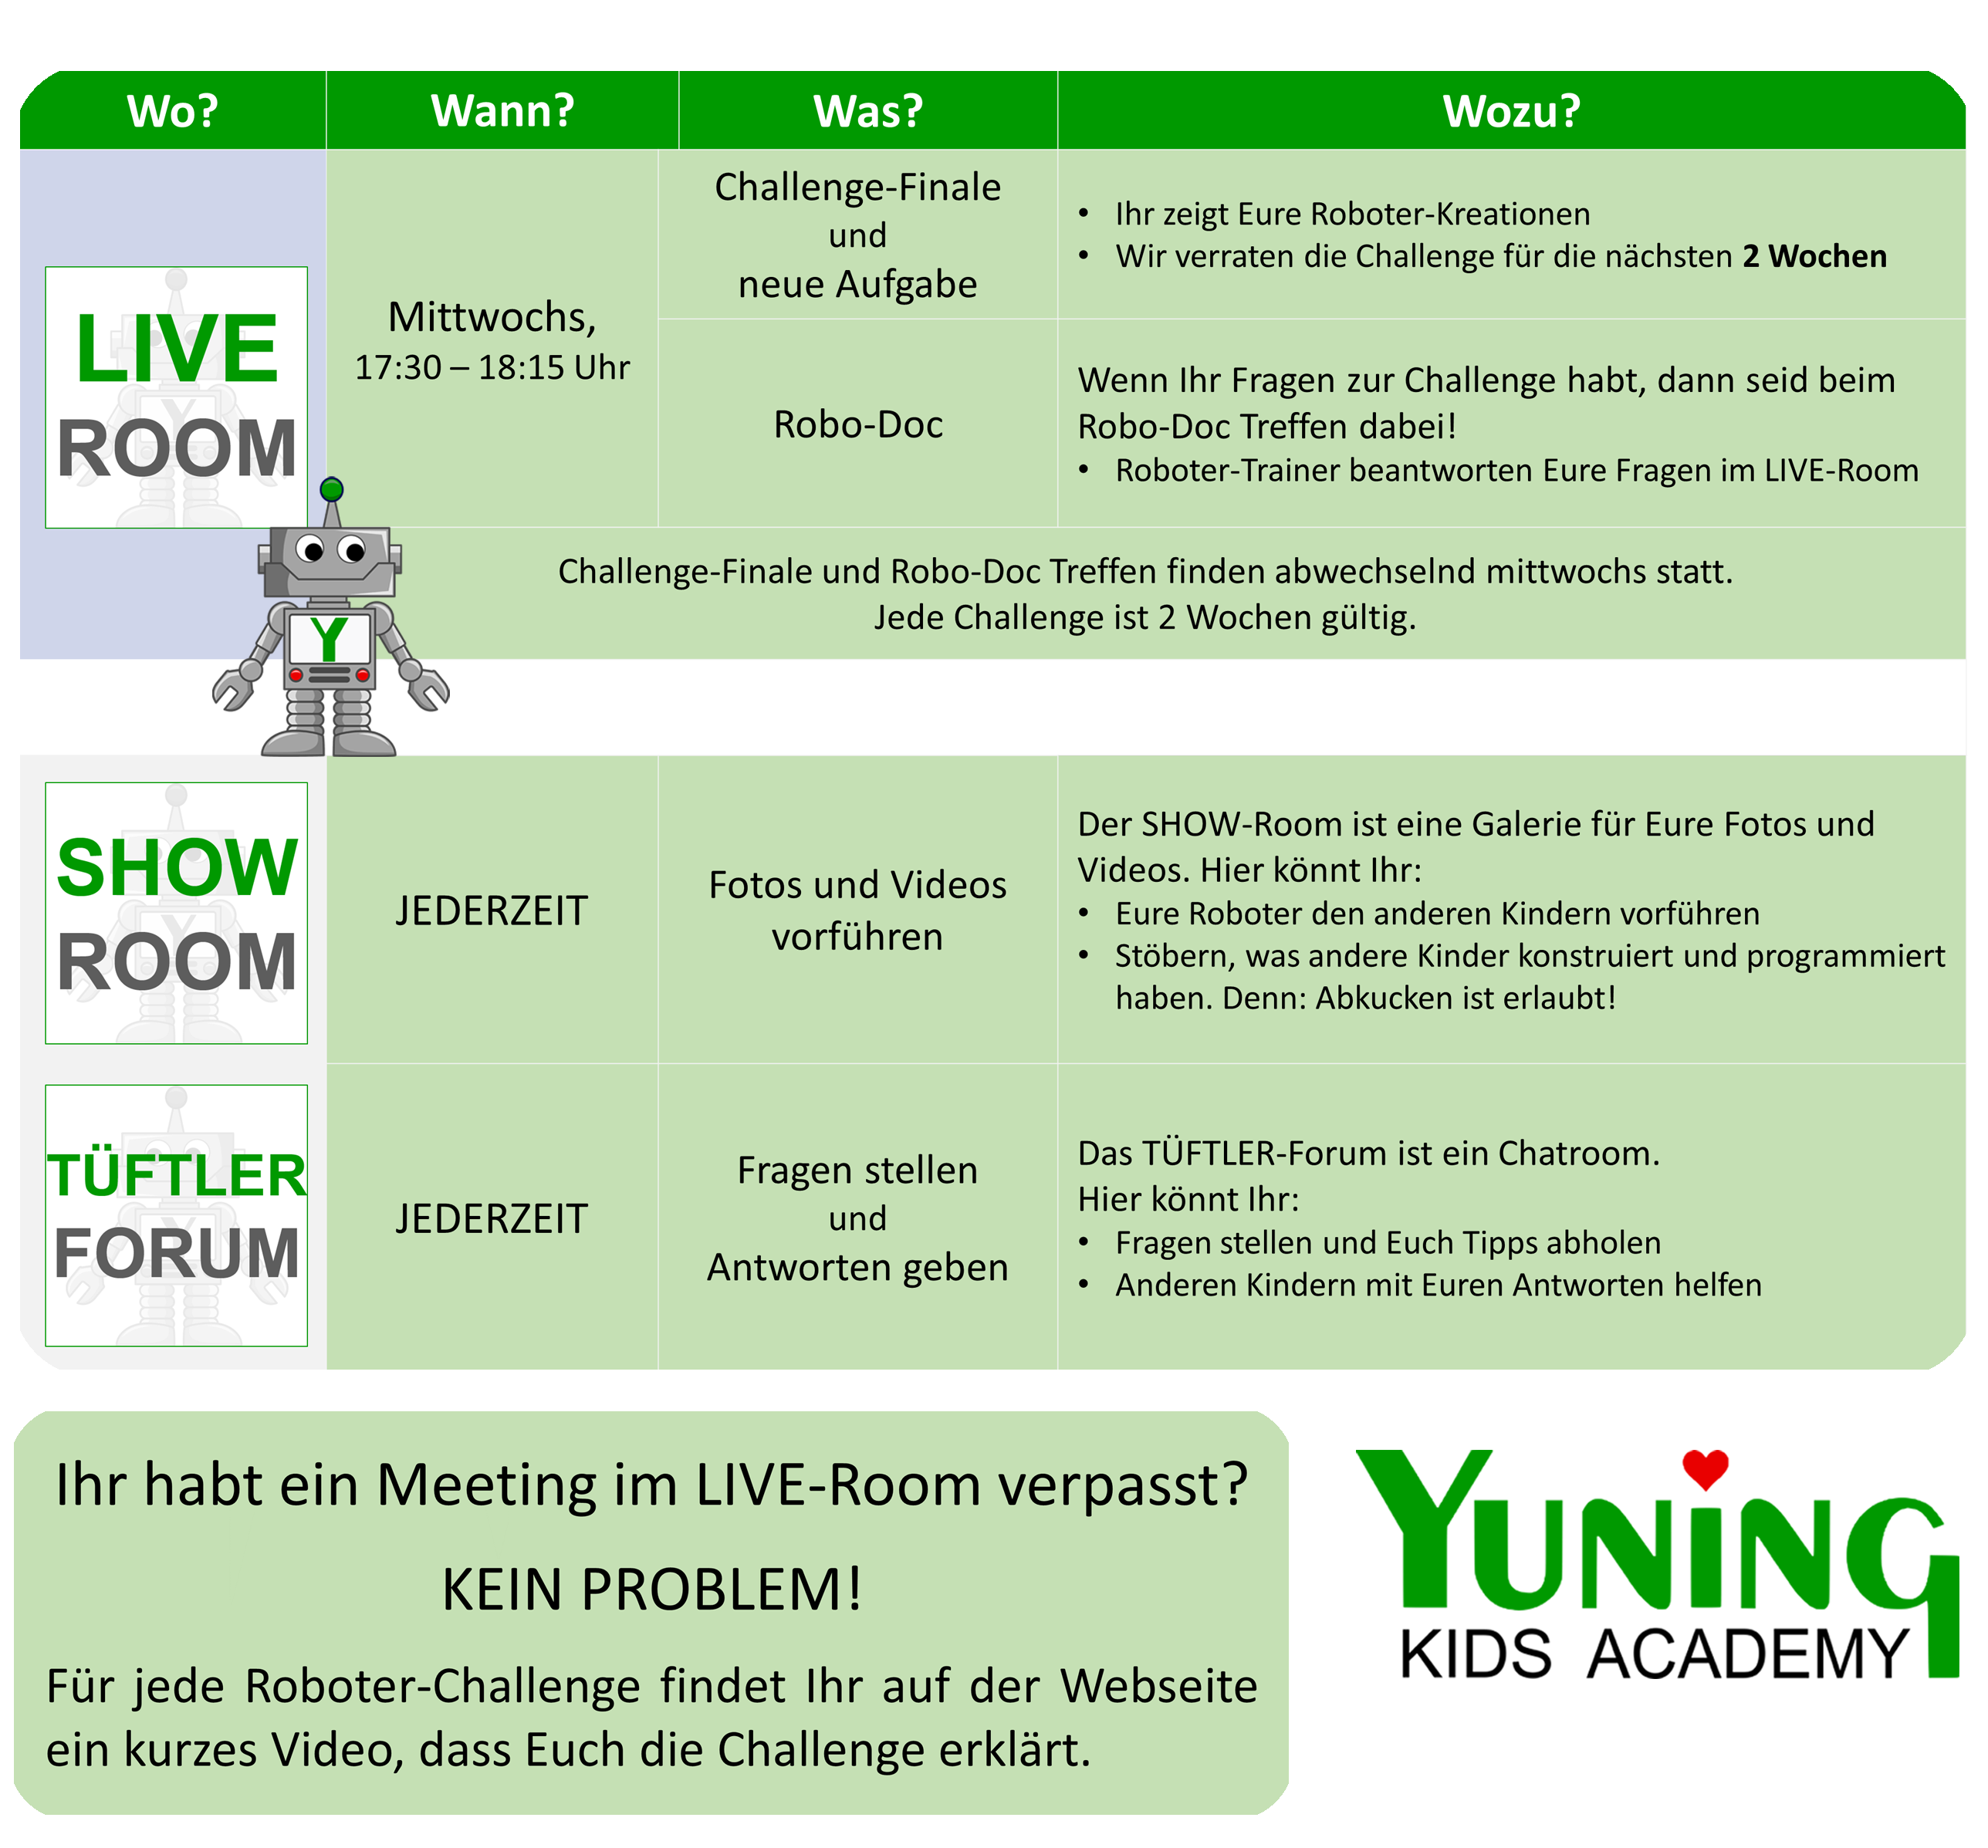 YUNING Robotik Kids Club Stundenplan. Der Onlinekurs für LEGO© MINDSTROMS© EV3